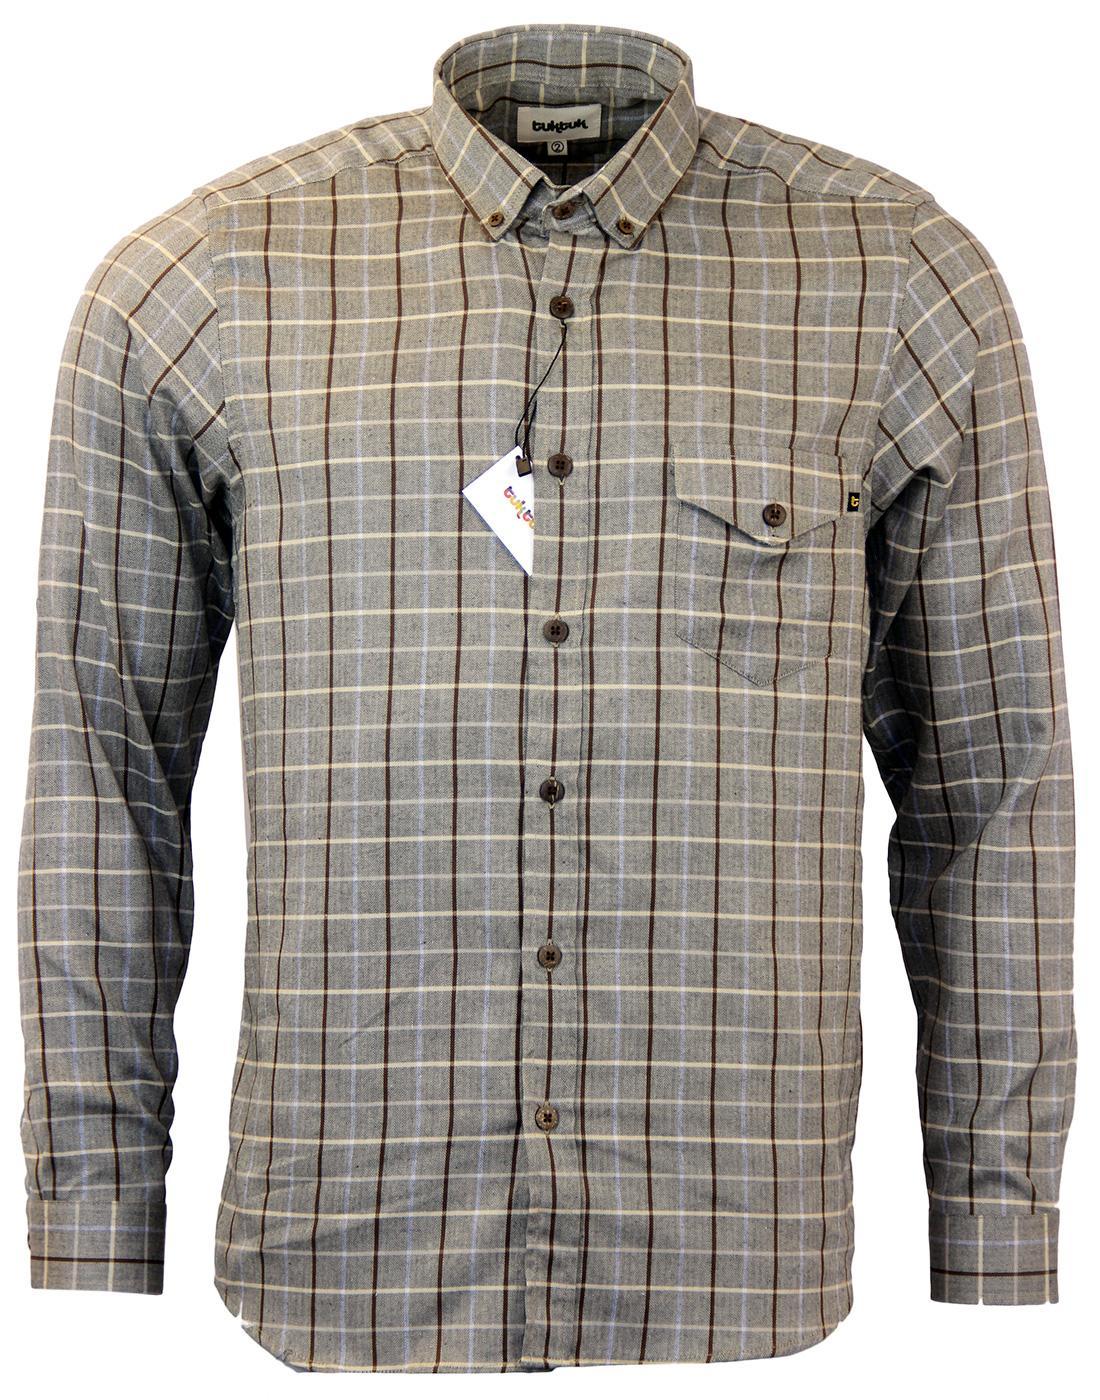 Larry TUKTUK Retro Check Brushed Cotton Shirt